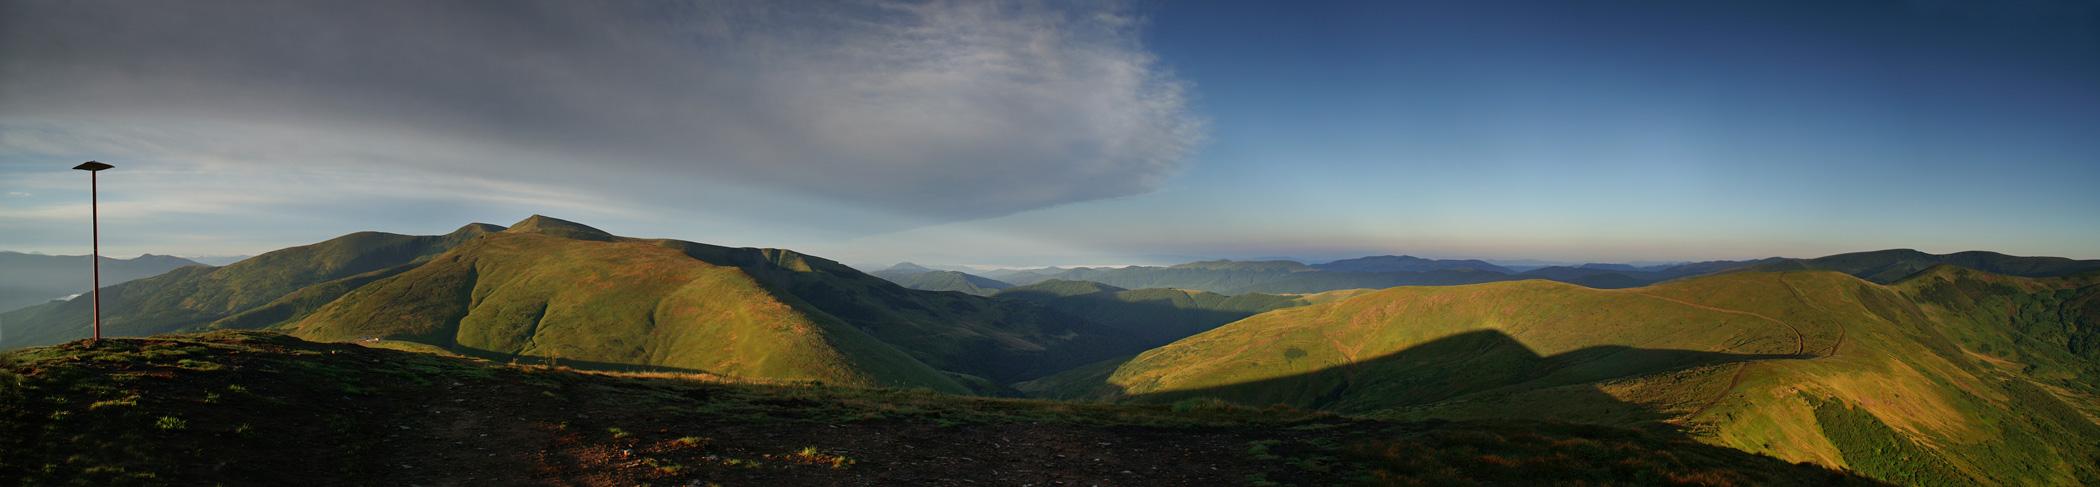 Свидовецький масив. Вид з гори Стіг - 1704 м над р.м.